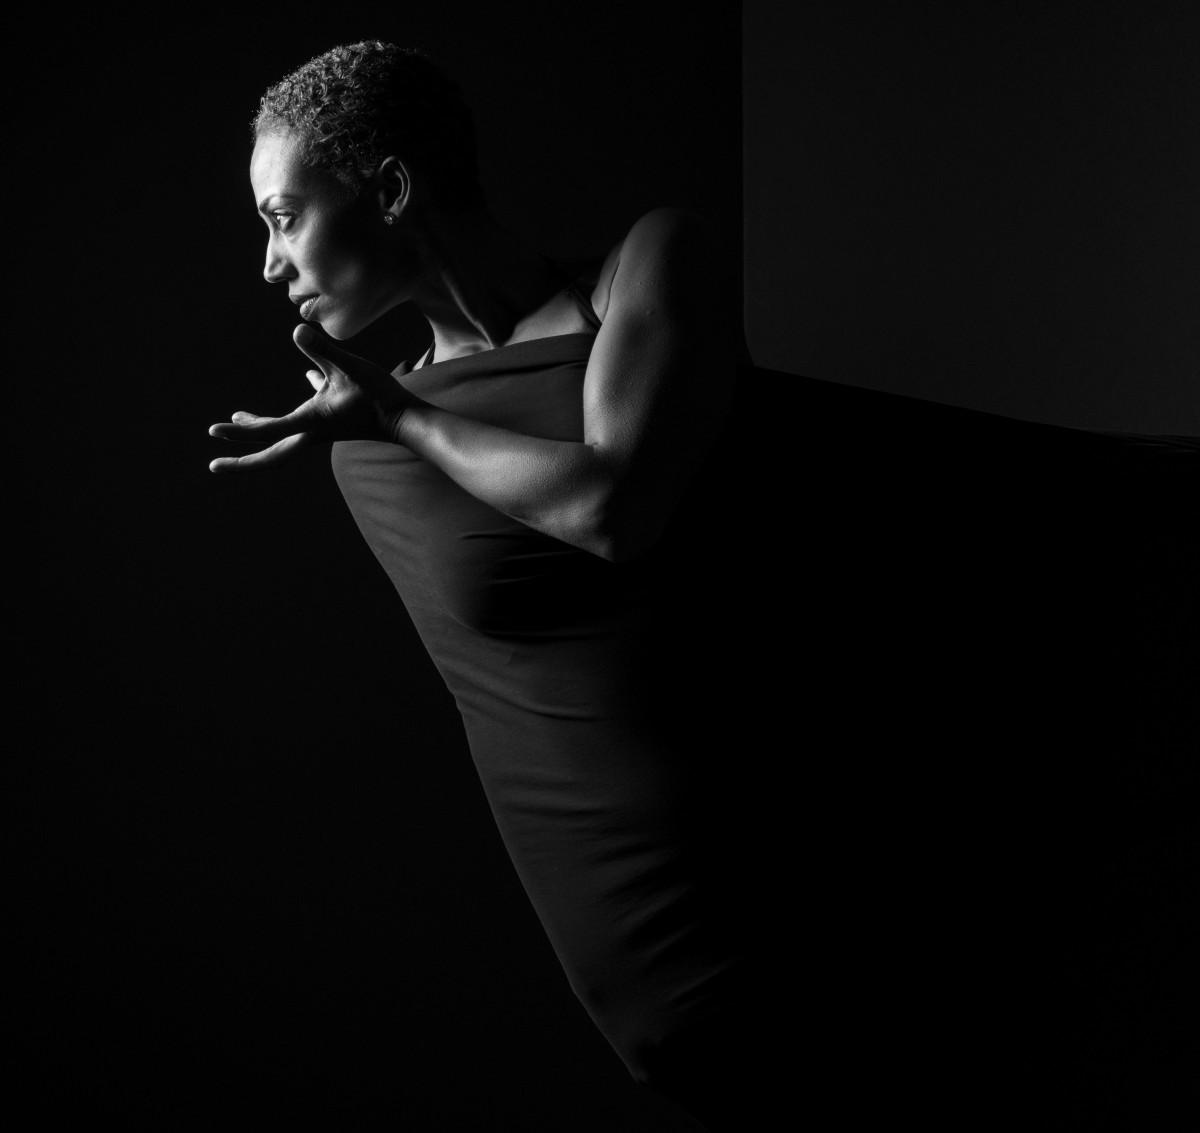 images gratuites noir et blanc la photographie profil danse portrait obscurit. Black Bedroom Furniture Sets. Home Design Ideas